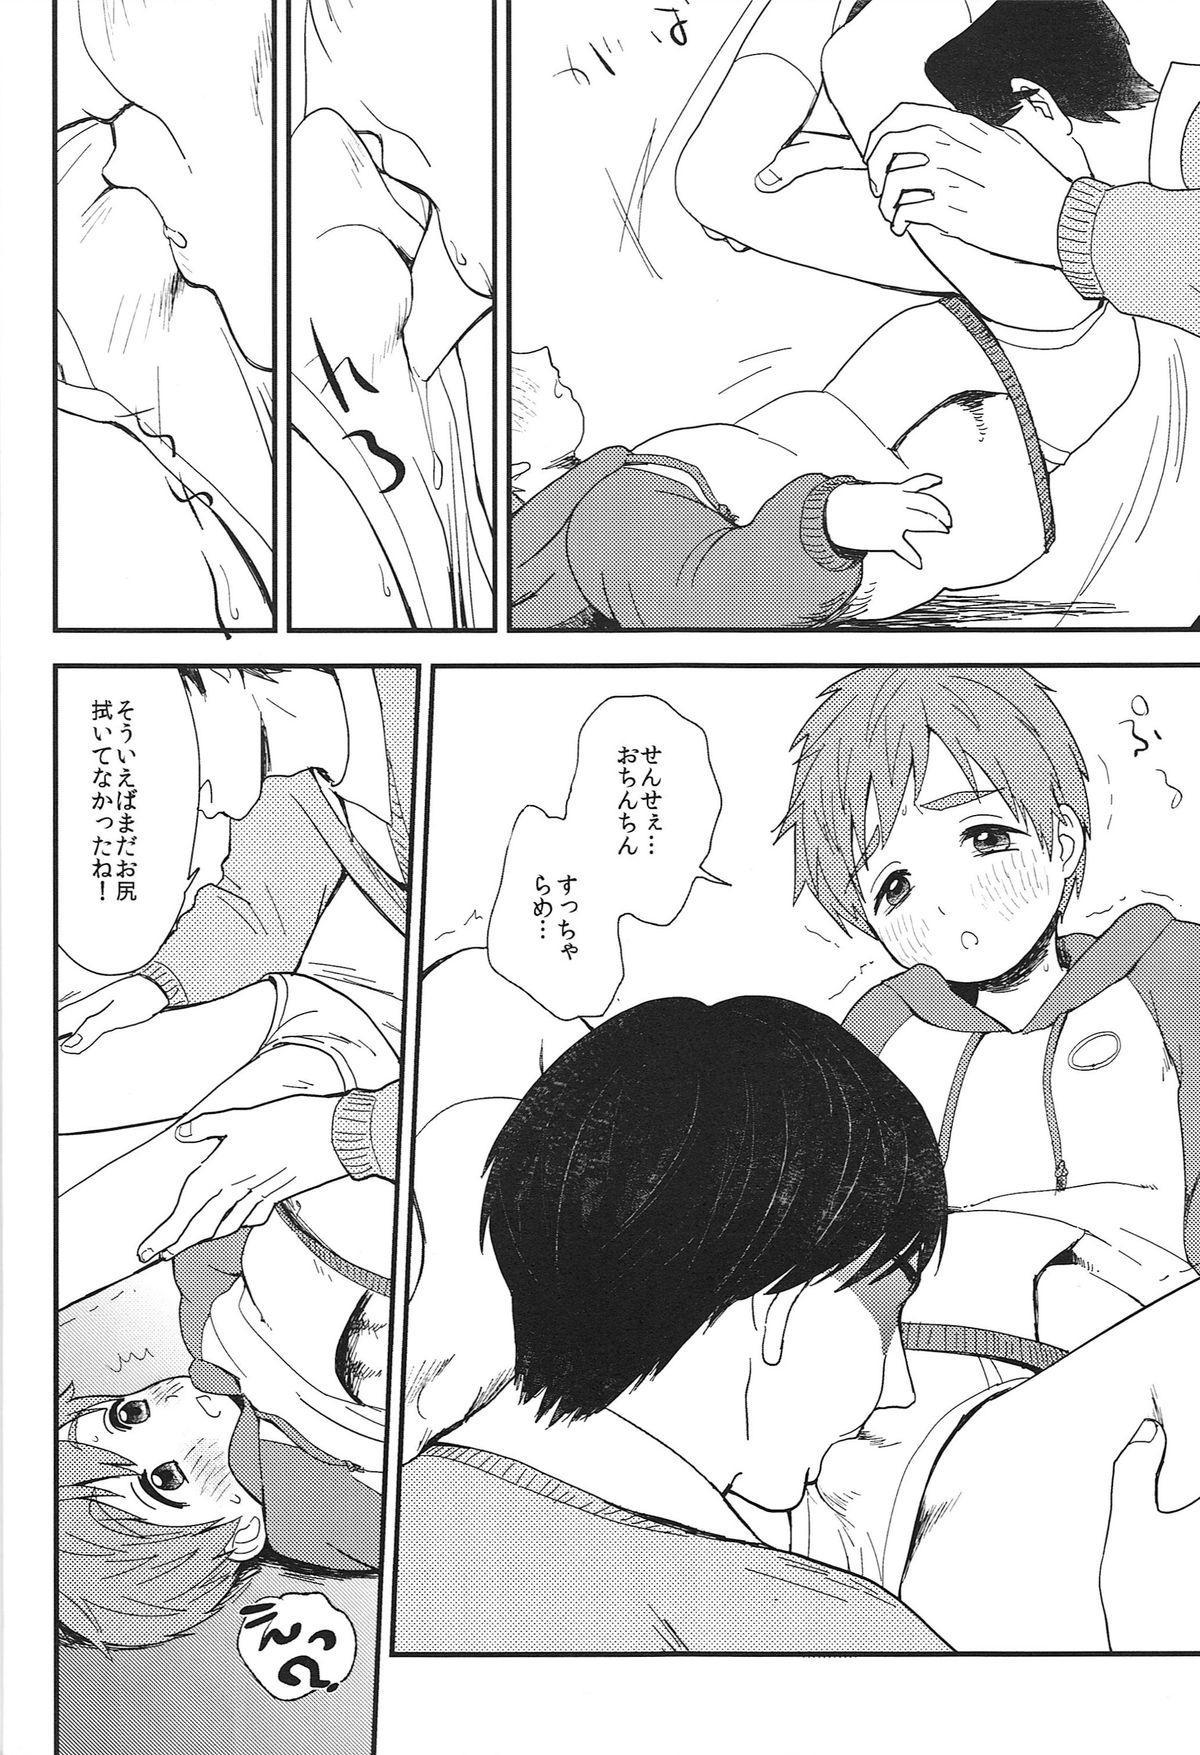 Onii-chan ni Naritakunai Yamai 16